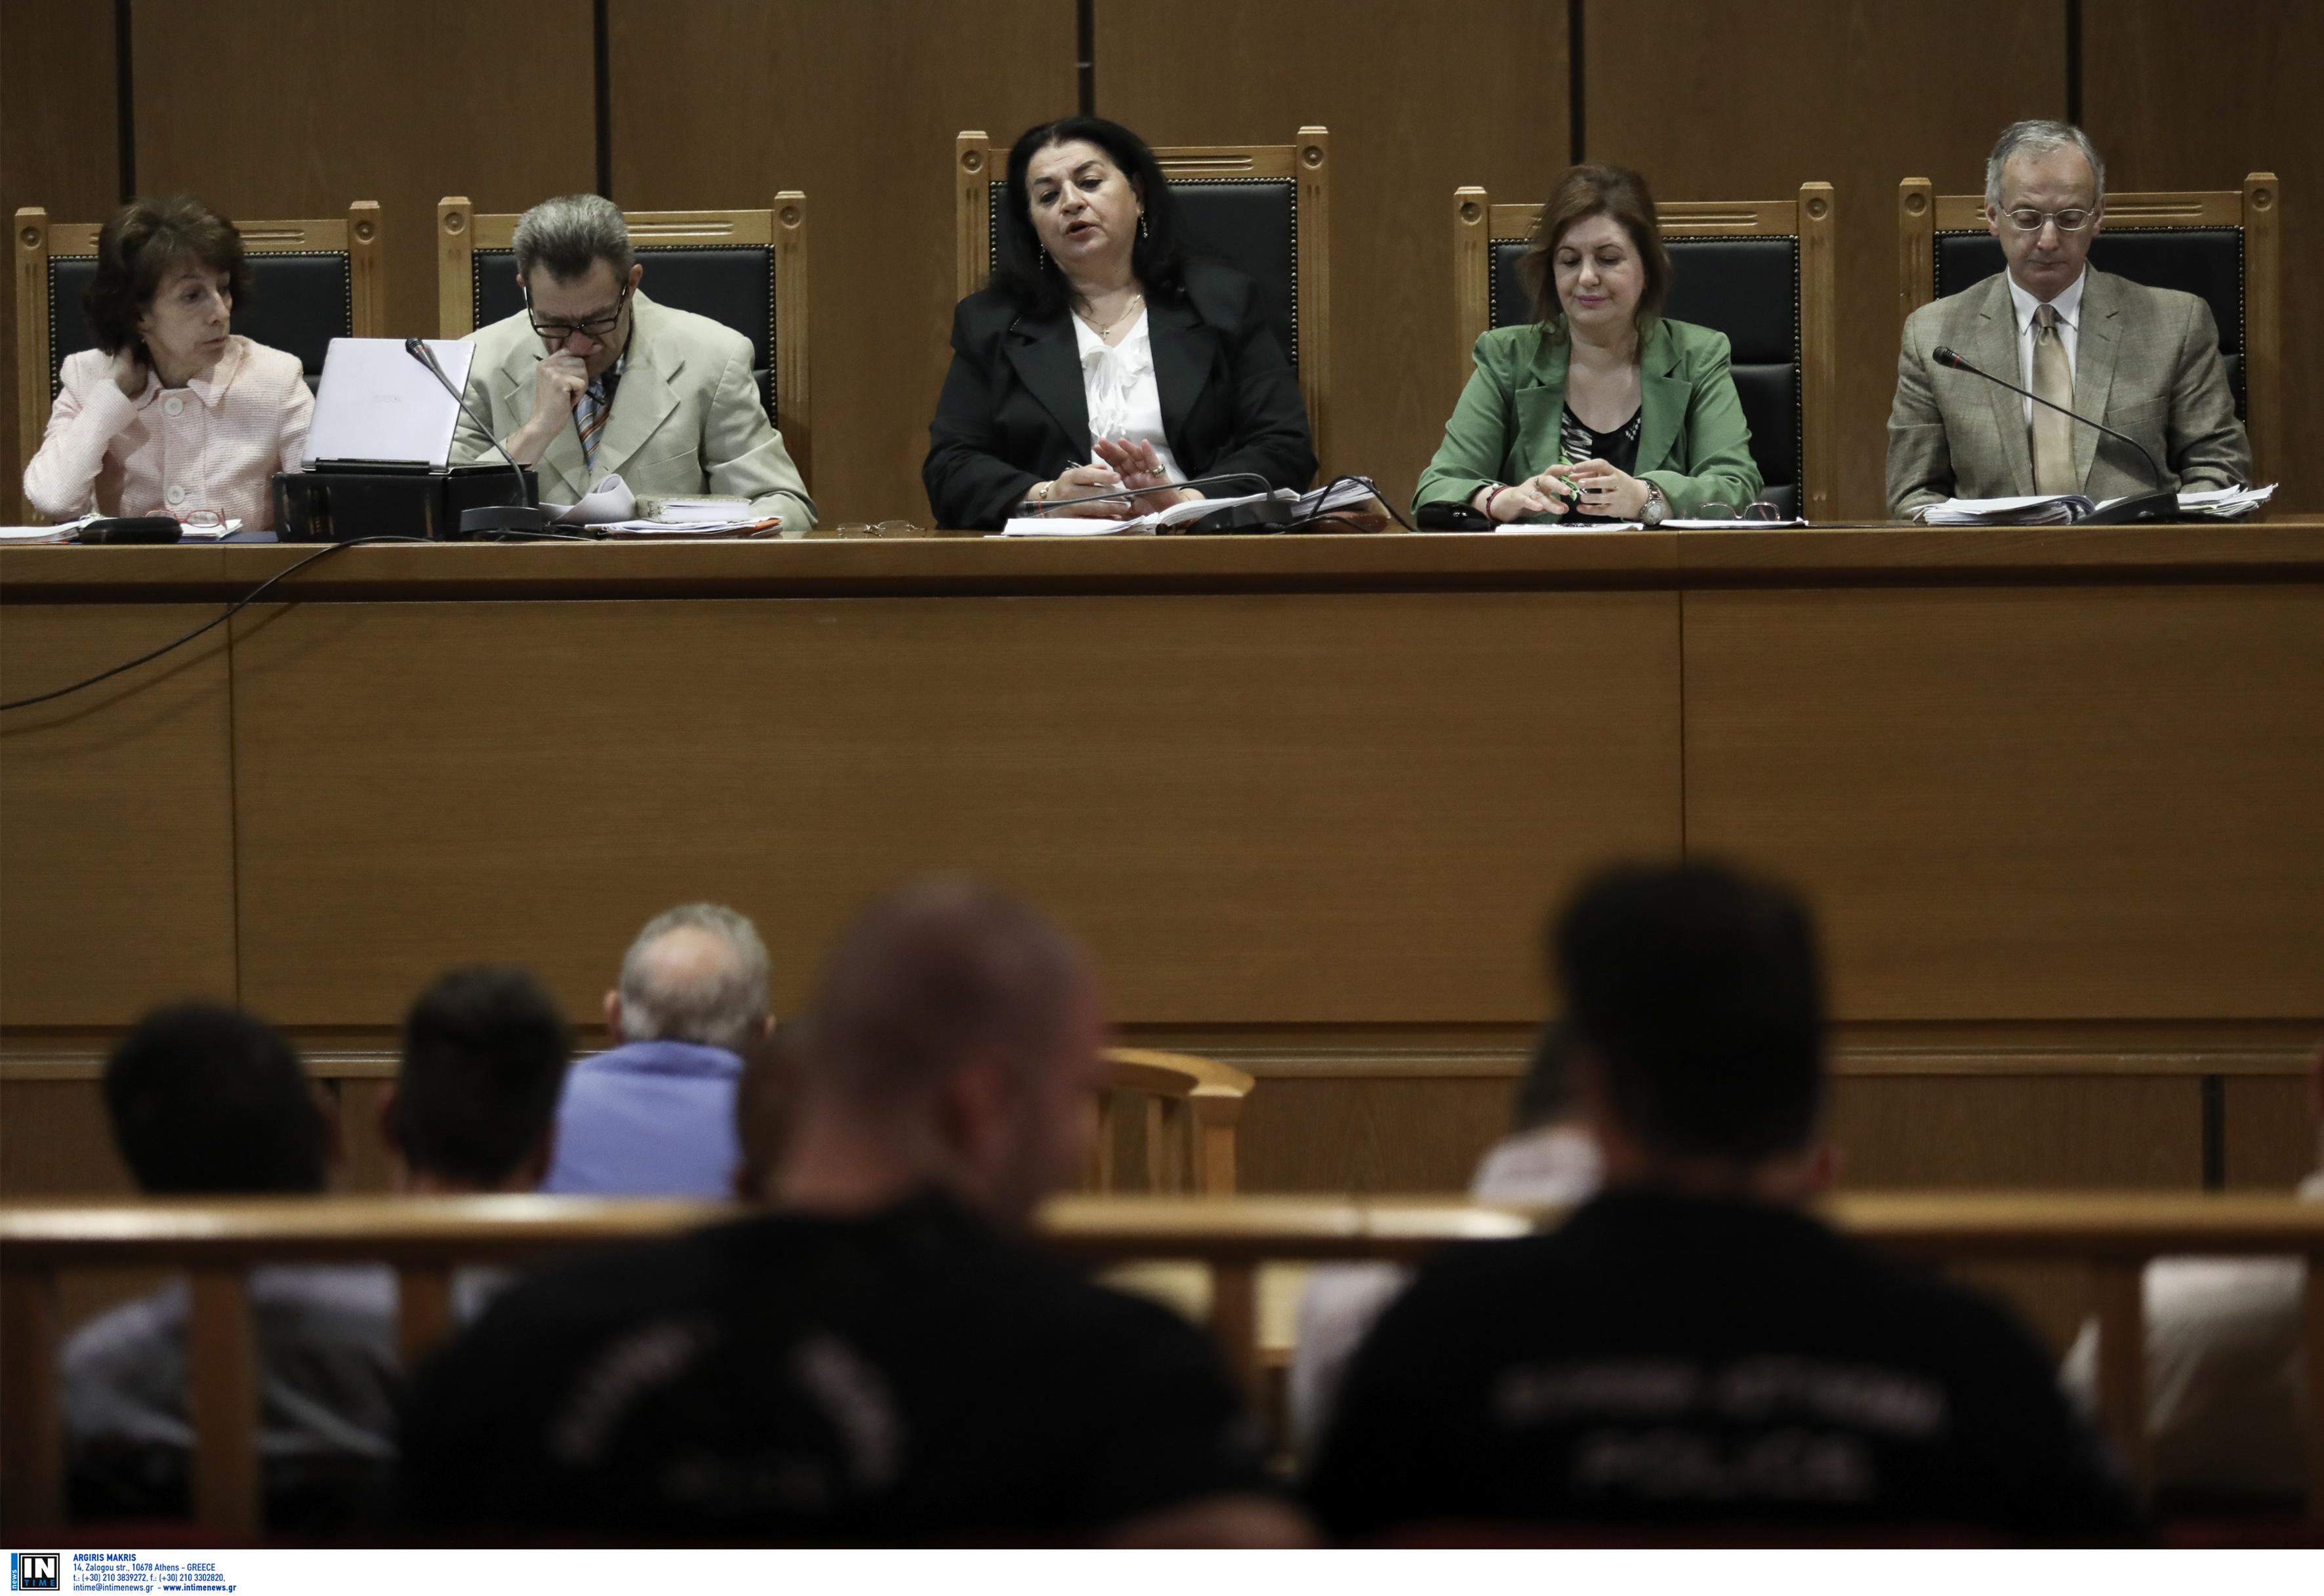 Δίκη Χρυσής Αυγής: «Θα καταθέσεις ό,τι σου πω αλλιώς θα σε σκοτώσουμε» - Καρφώνει την τοπική της Νίκαιας ο Δήμου